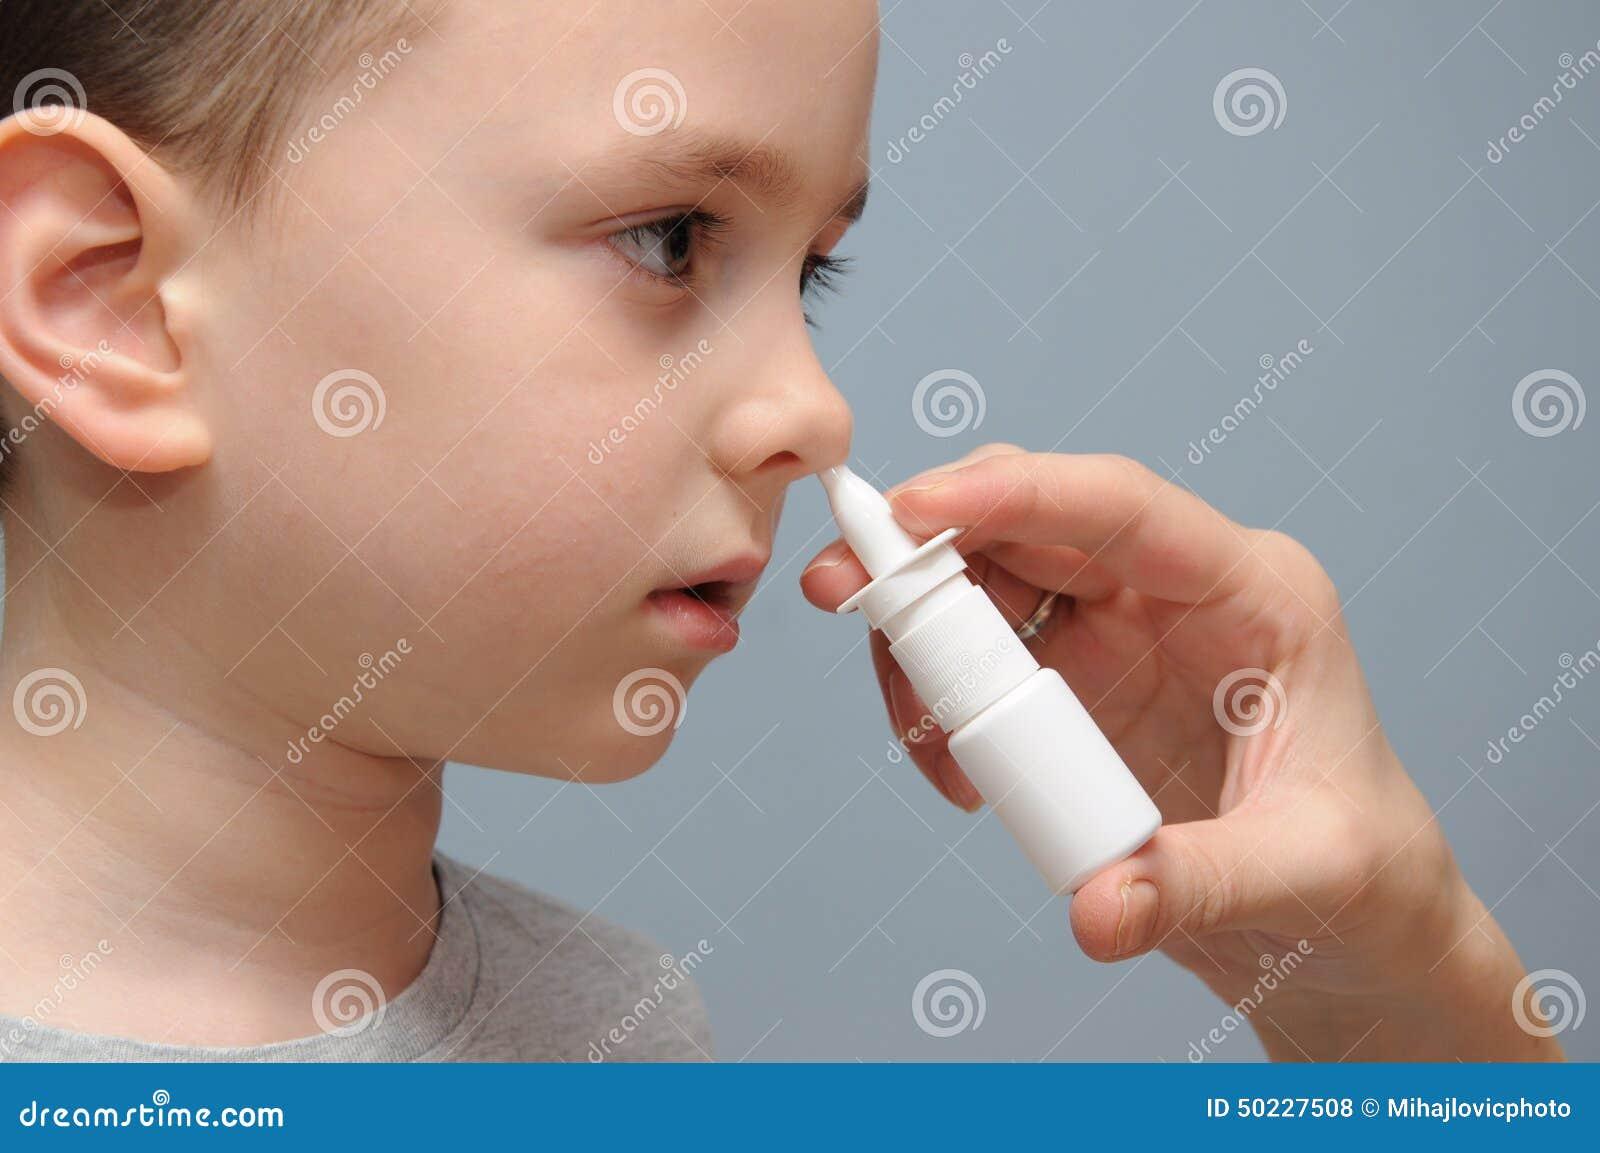 Брызг носа для детей